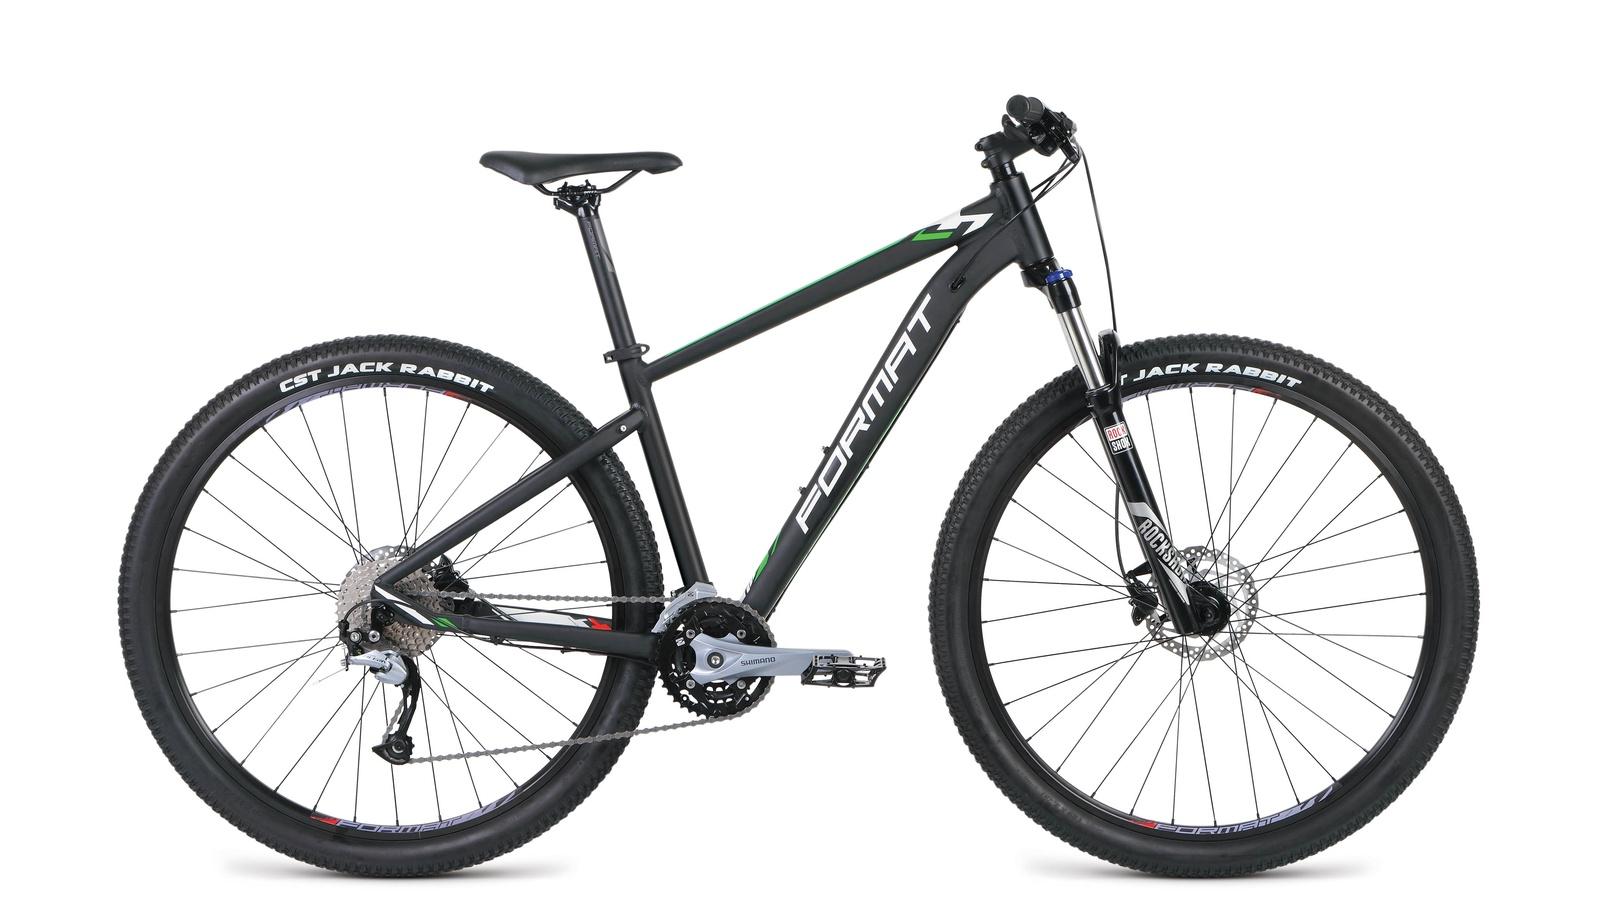 цена на Велосипед Format RBKM9M69S004, черный